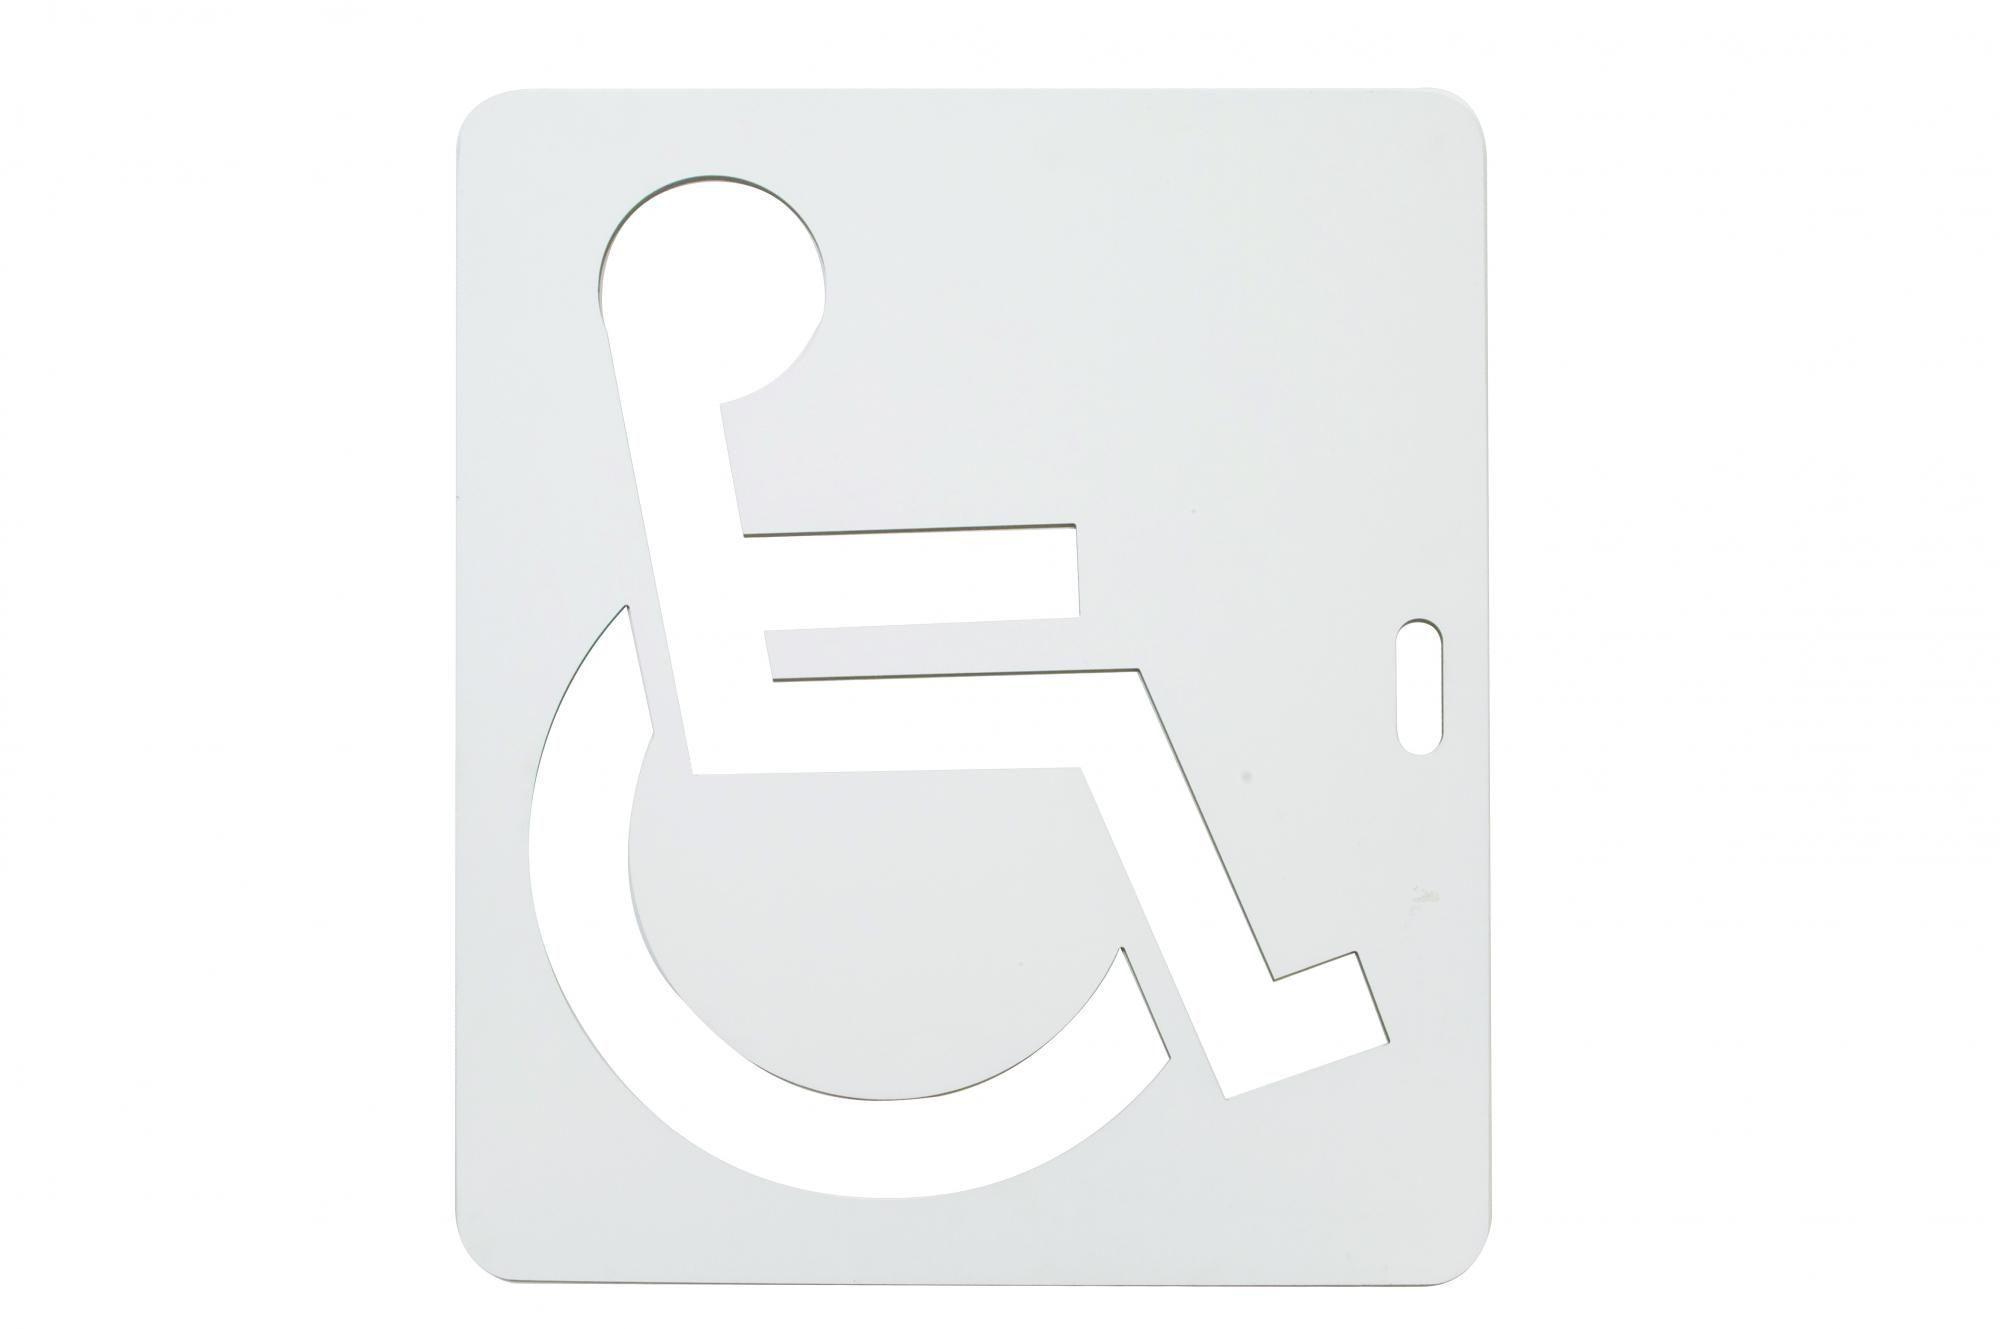 Pma0329 - pochoir handicapé - ore peinture - longueur : 25 cm